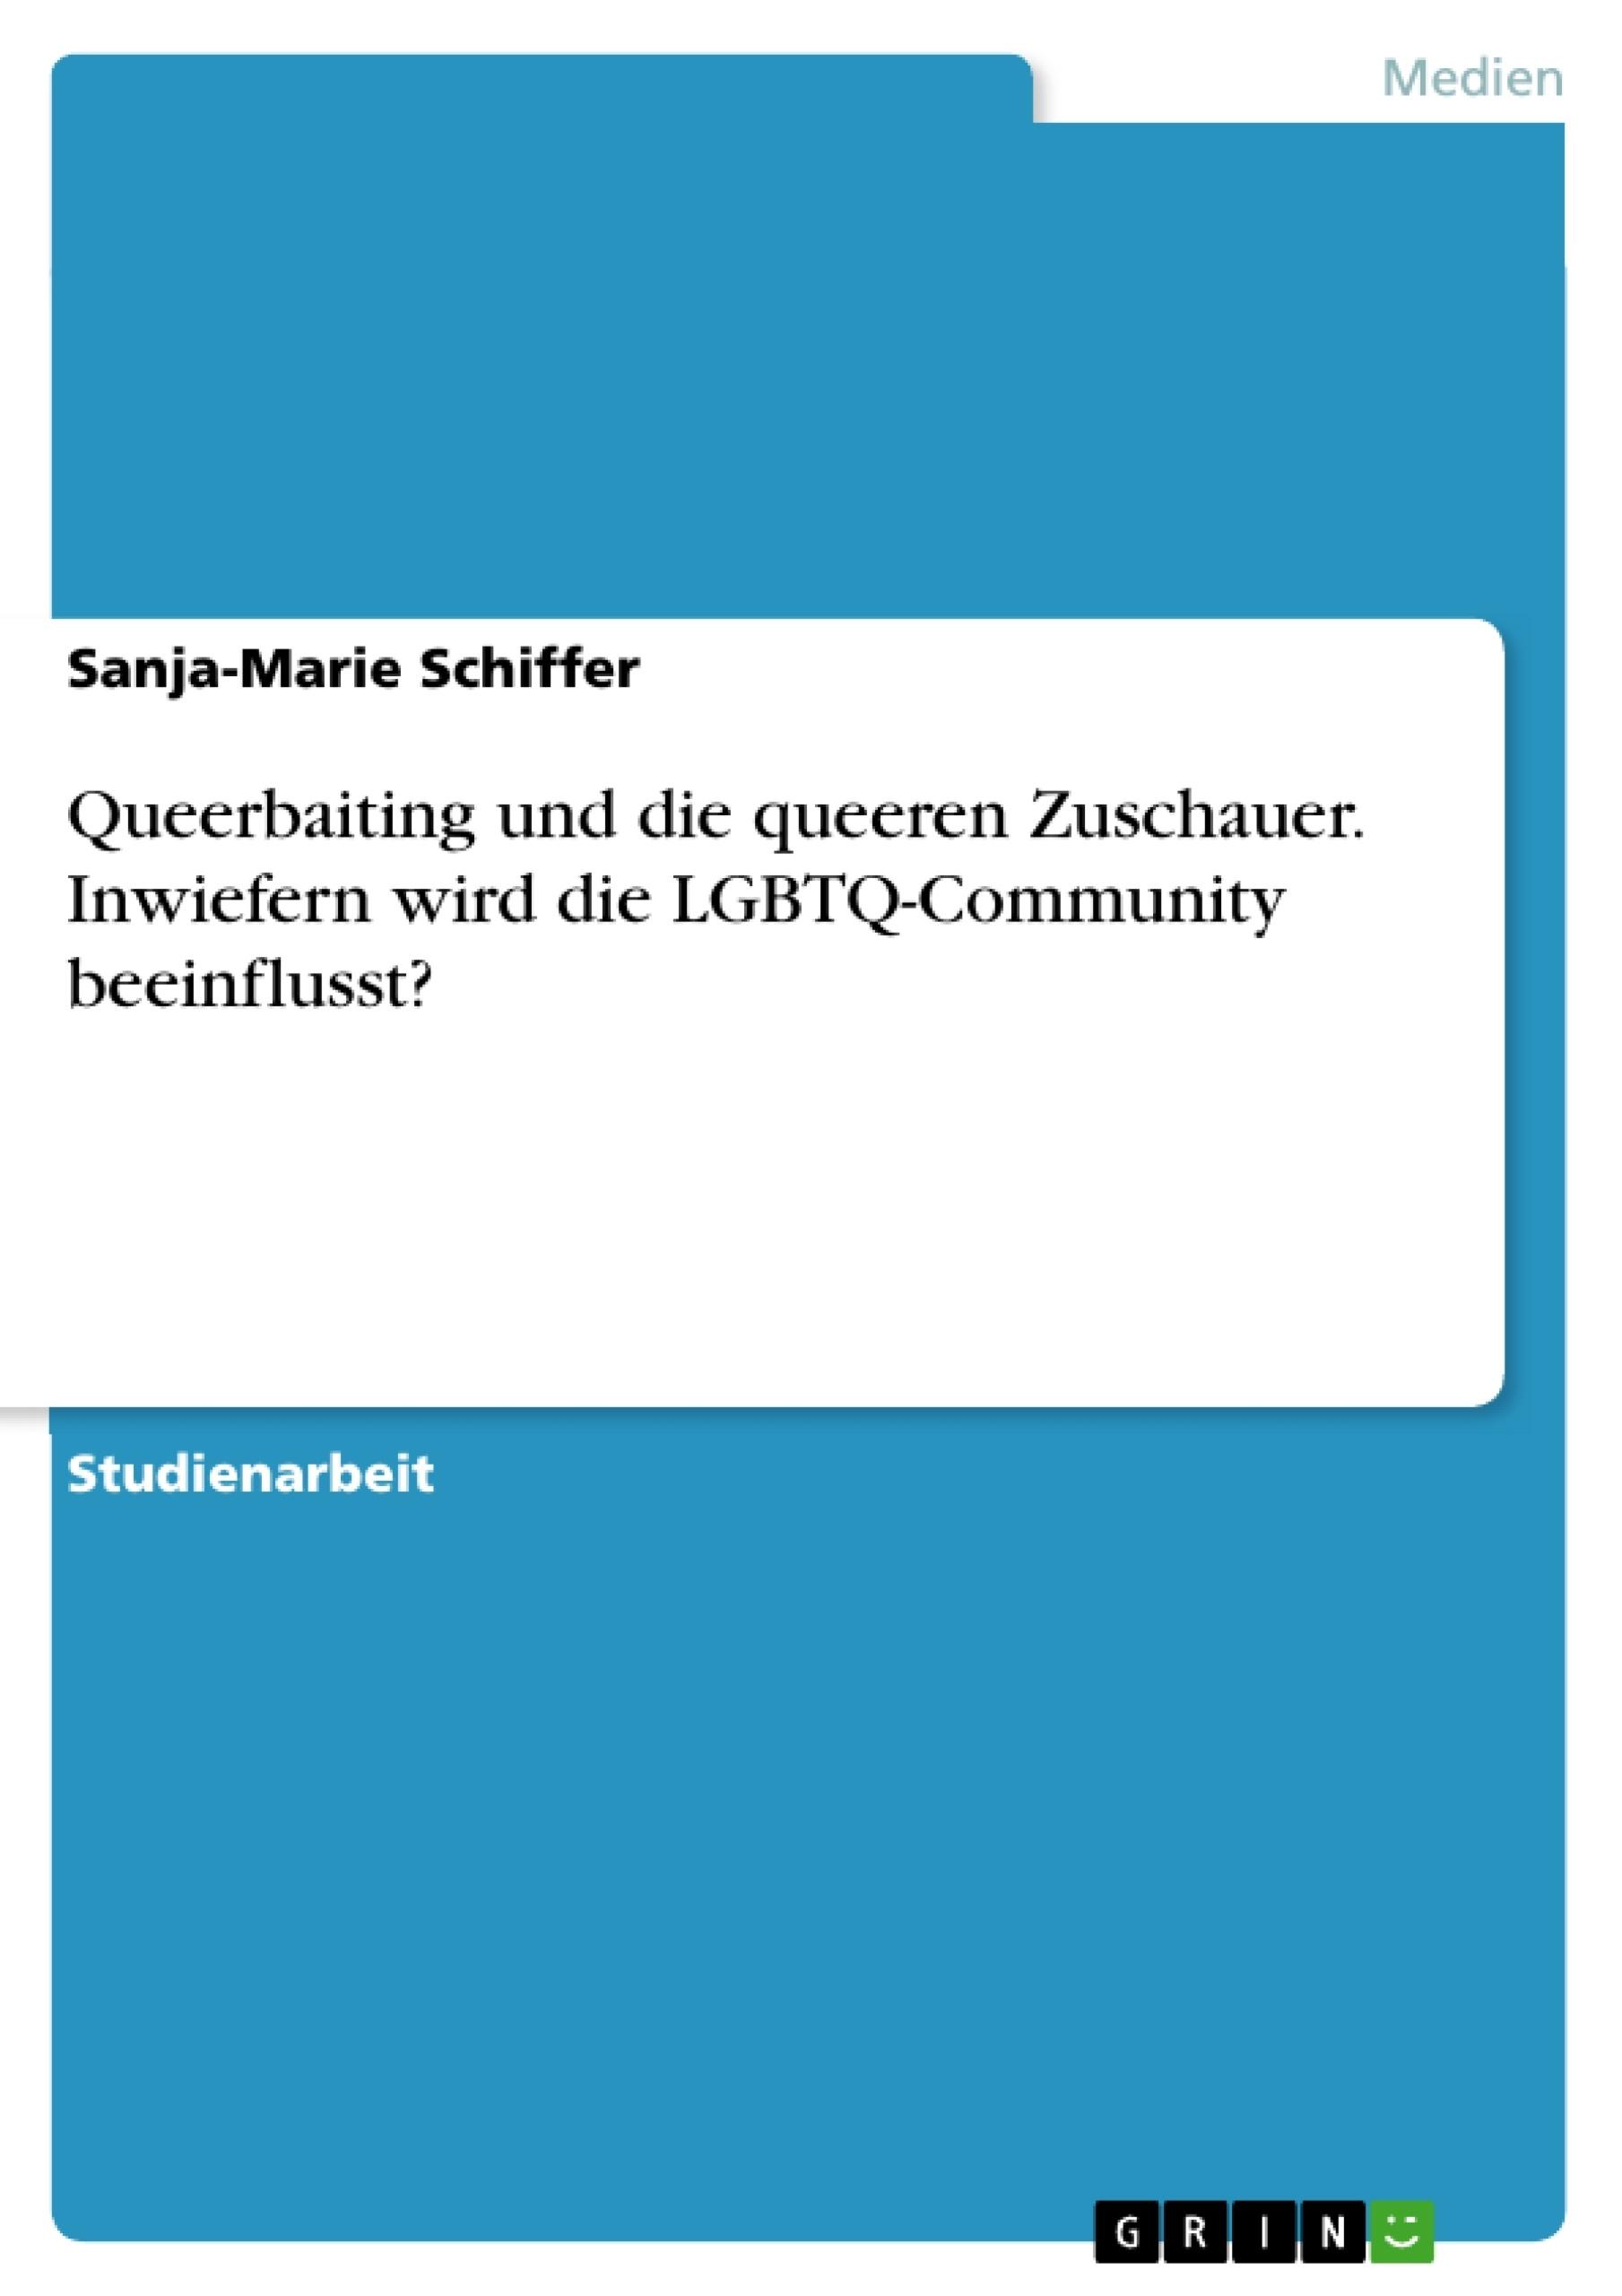 Titel: Queerbaiting und die queeren Zuschauer. Inwiefern wird die LGBTQ-Community beeinflusst?